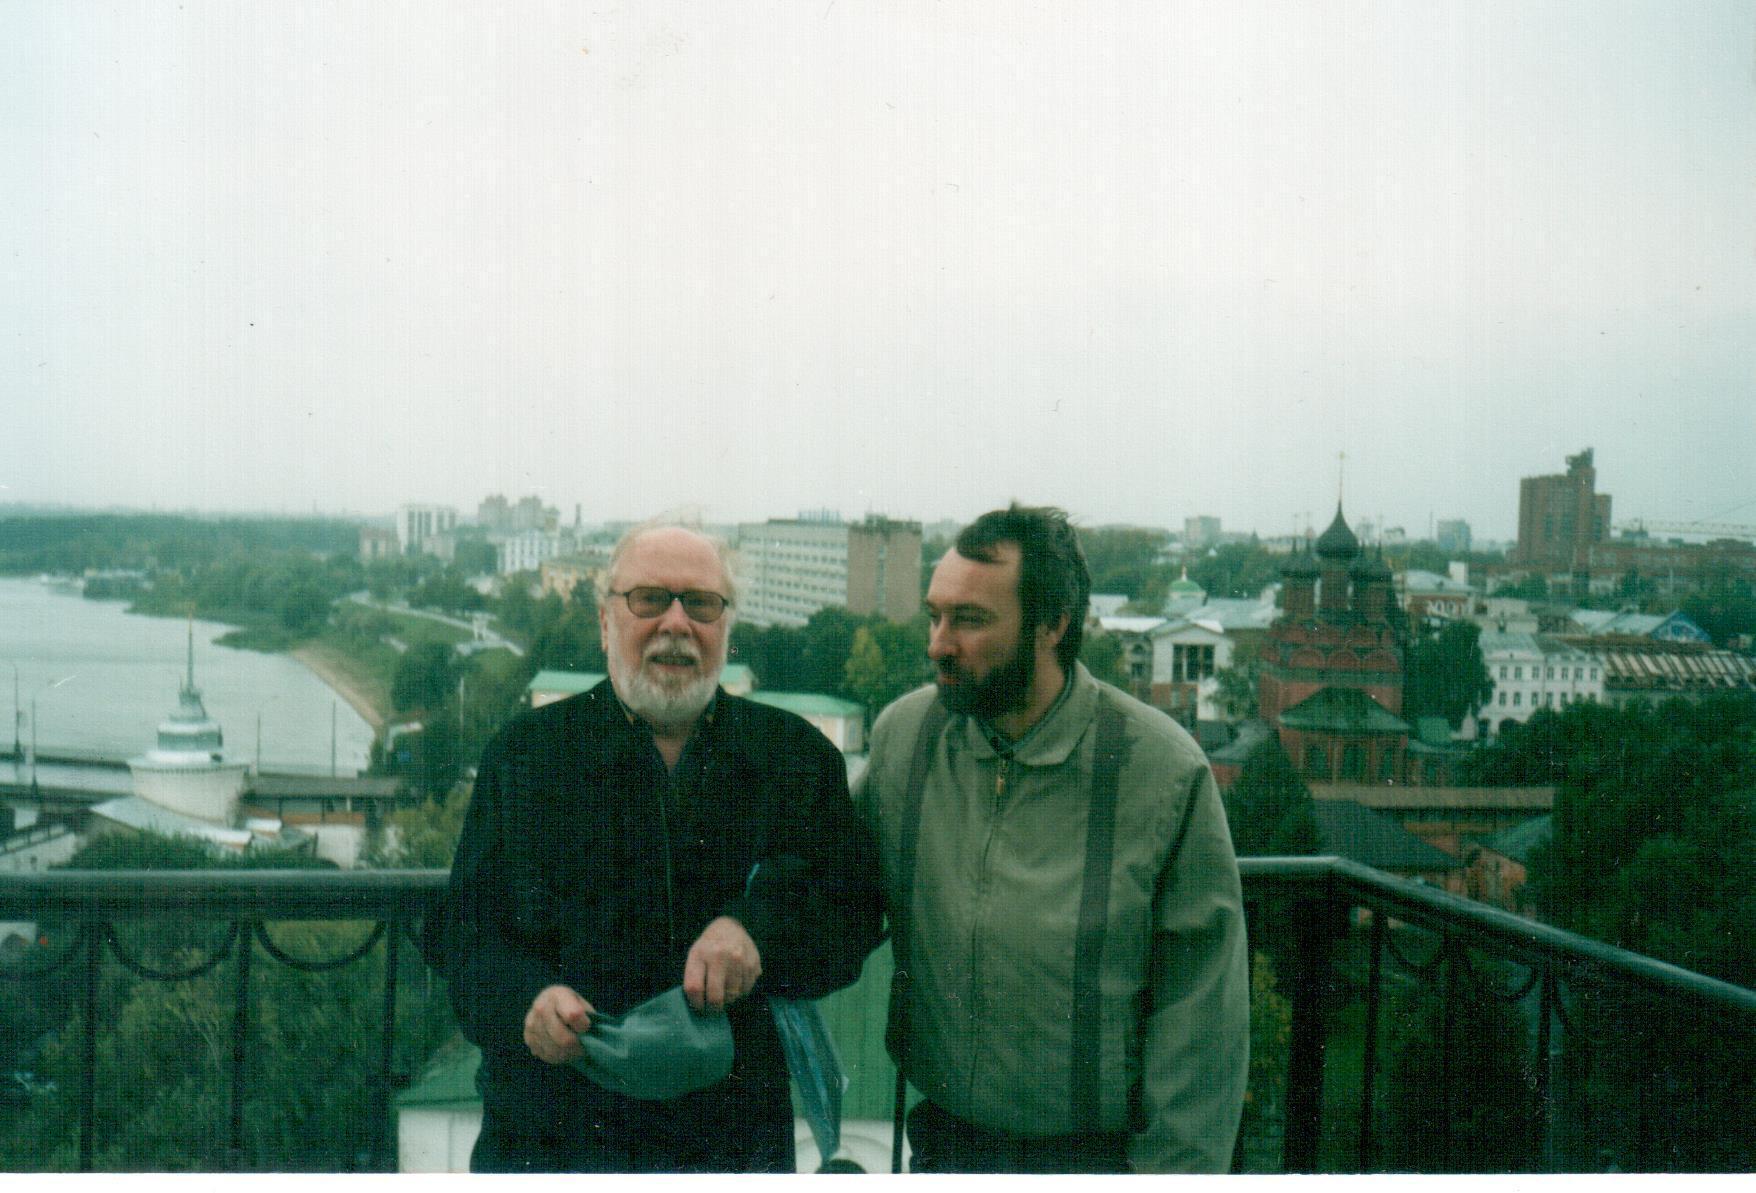 Вирт, Поттосин, Недоря, 1996